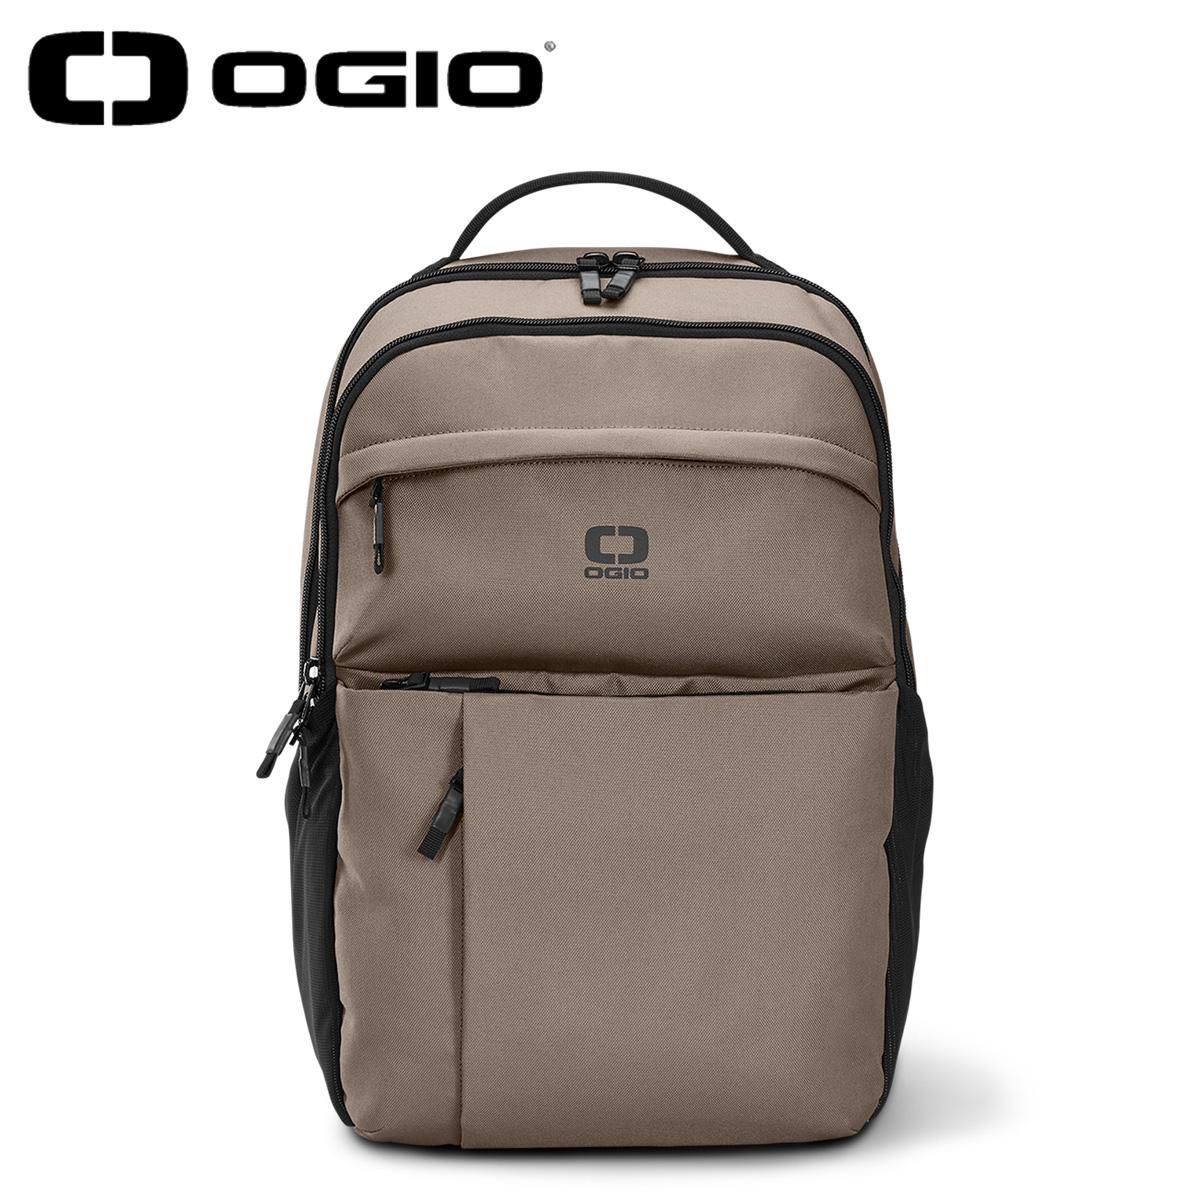 OGIO オジオ リュック バッグ バックパック ビジネスバッグ メンズ レディース 20L FUSE 20 BACKPACK JV カーキ 5920187OG